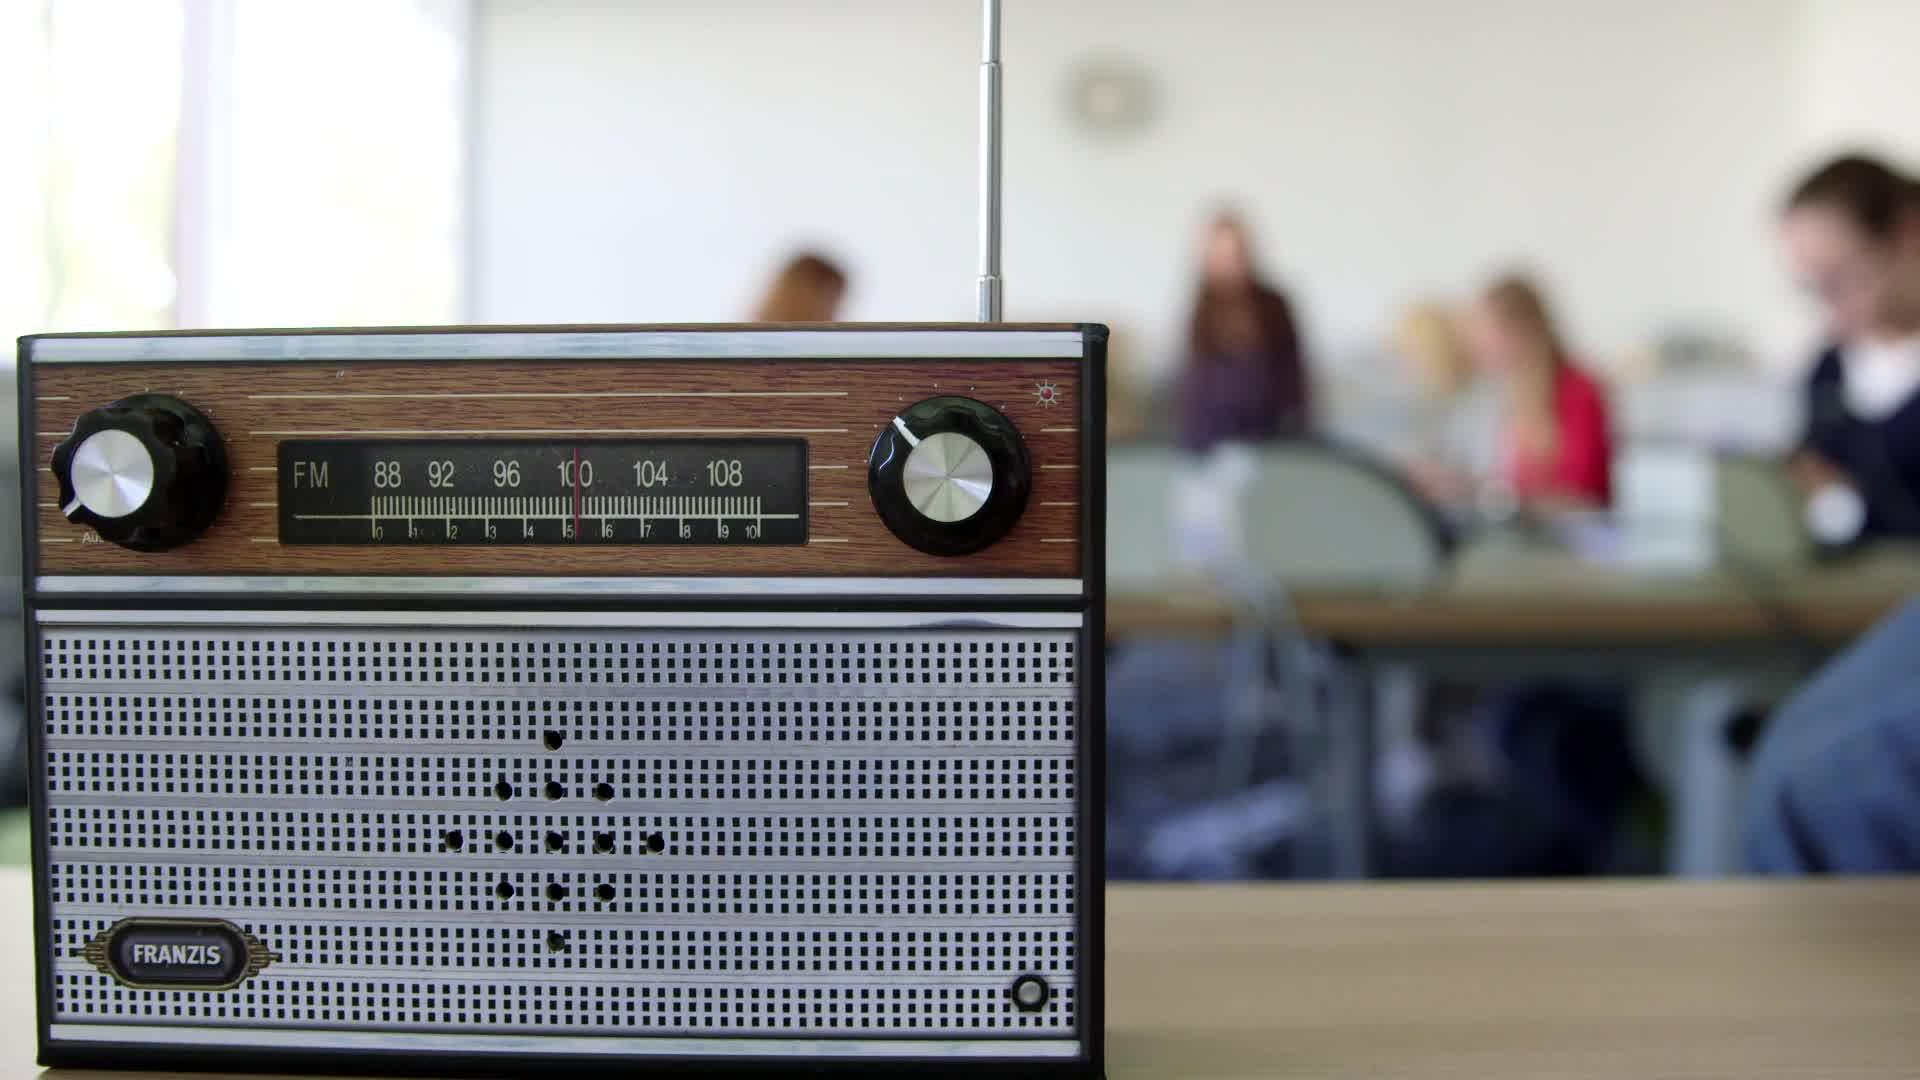 Wir bauen ein Radio - das Mädchen-und-Technik Praktikum preview image